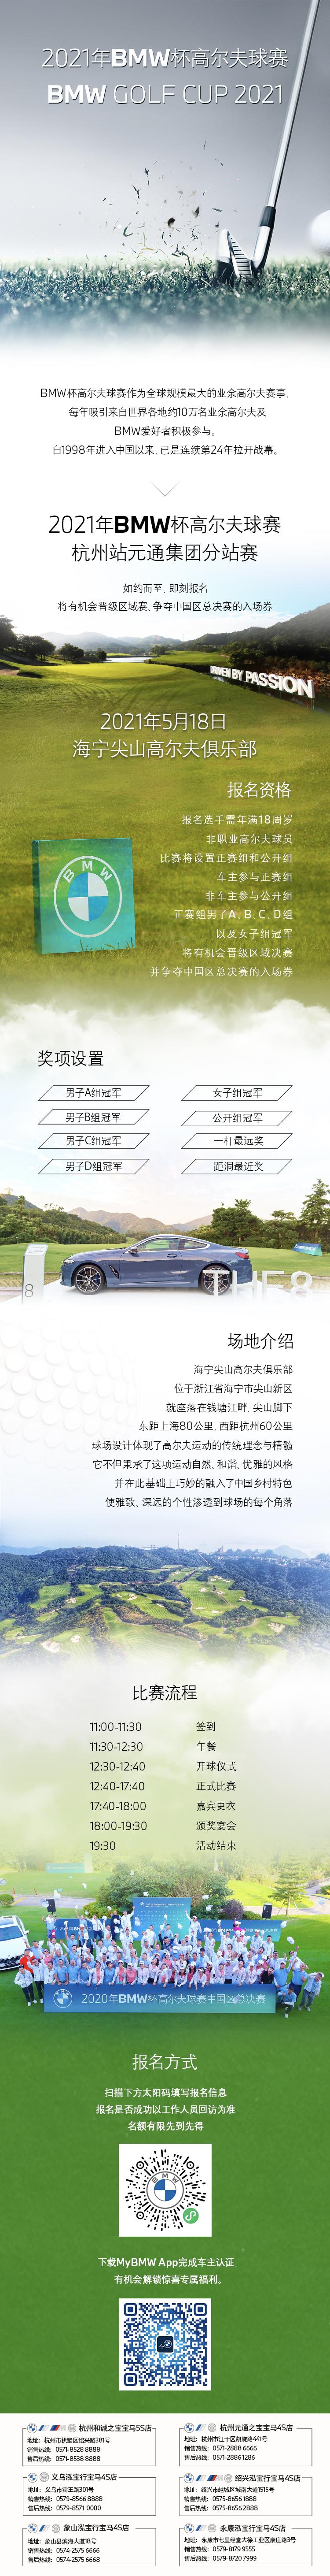 2021年BMW杯高尔夫球赛:元通集团分站赛火热招募中